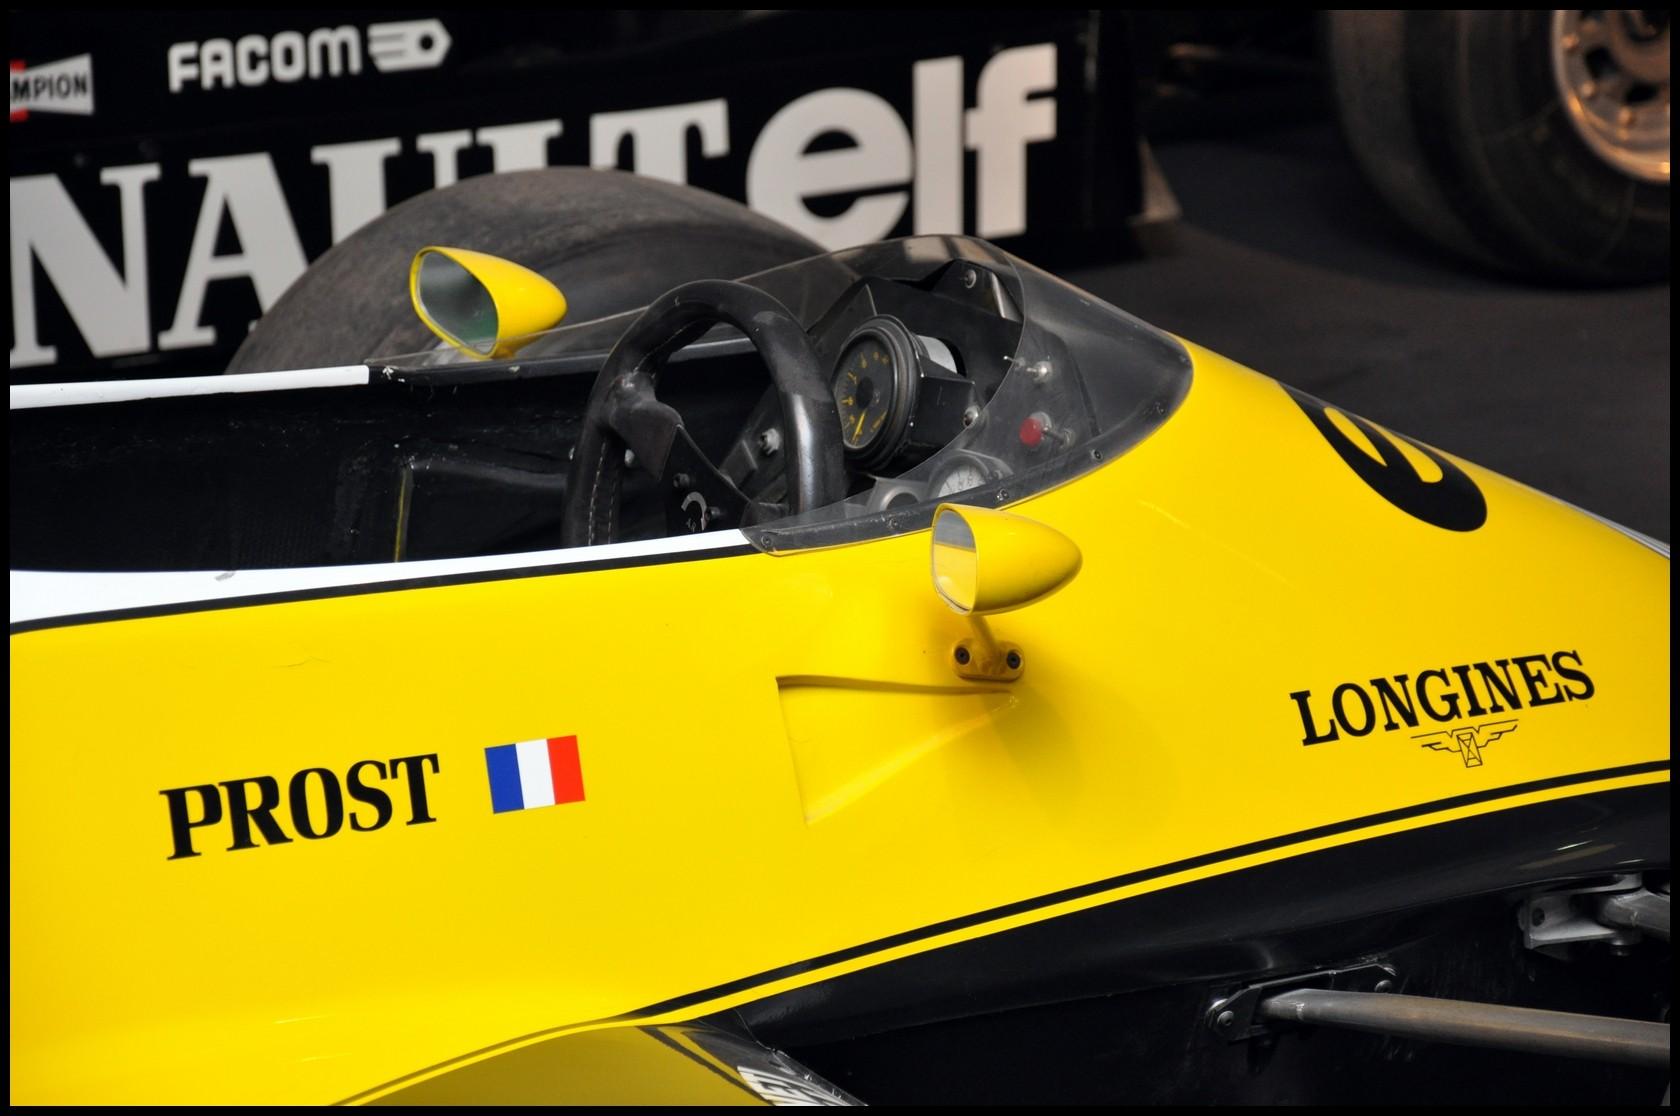 Mulhouse: La Cité de l' automobile, the largest car museum in the world. Renaul10